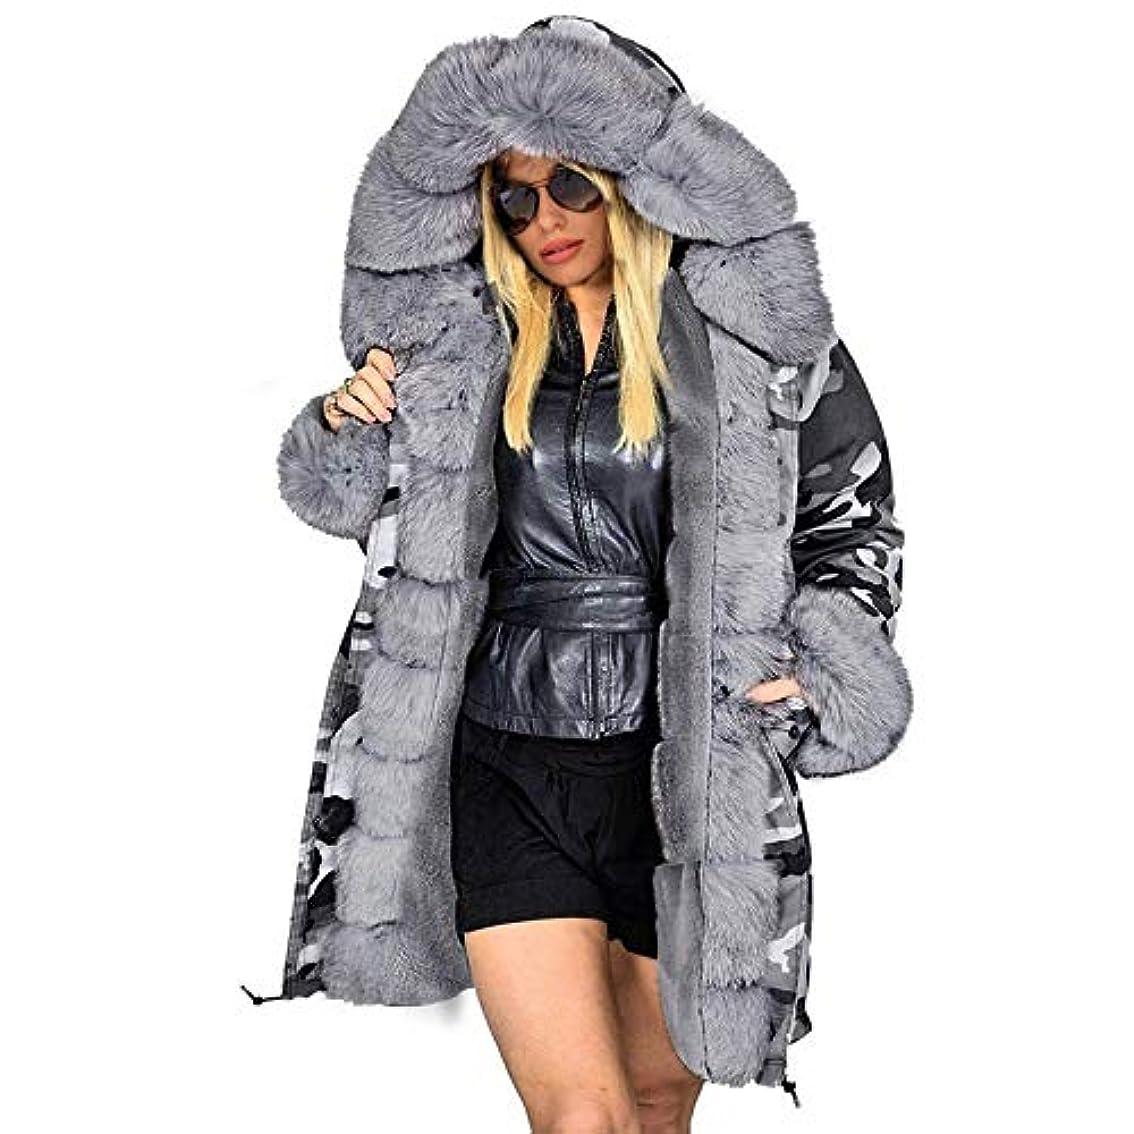 トレーニング架空の構想するファッションコートウィンタージャケット女性フードパーカーロングウォームコットンジャケットアウターウェア女性ウィンターコートプラスサイズ,XXXL